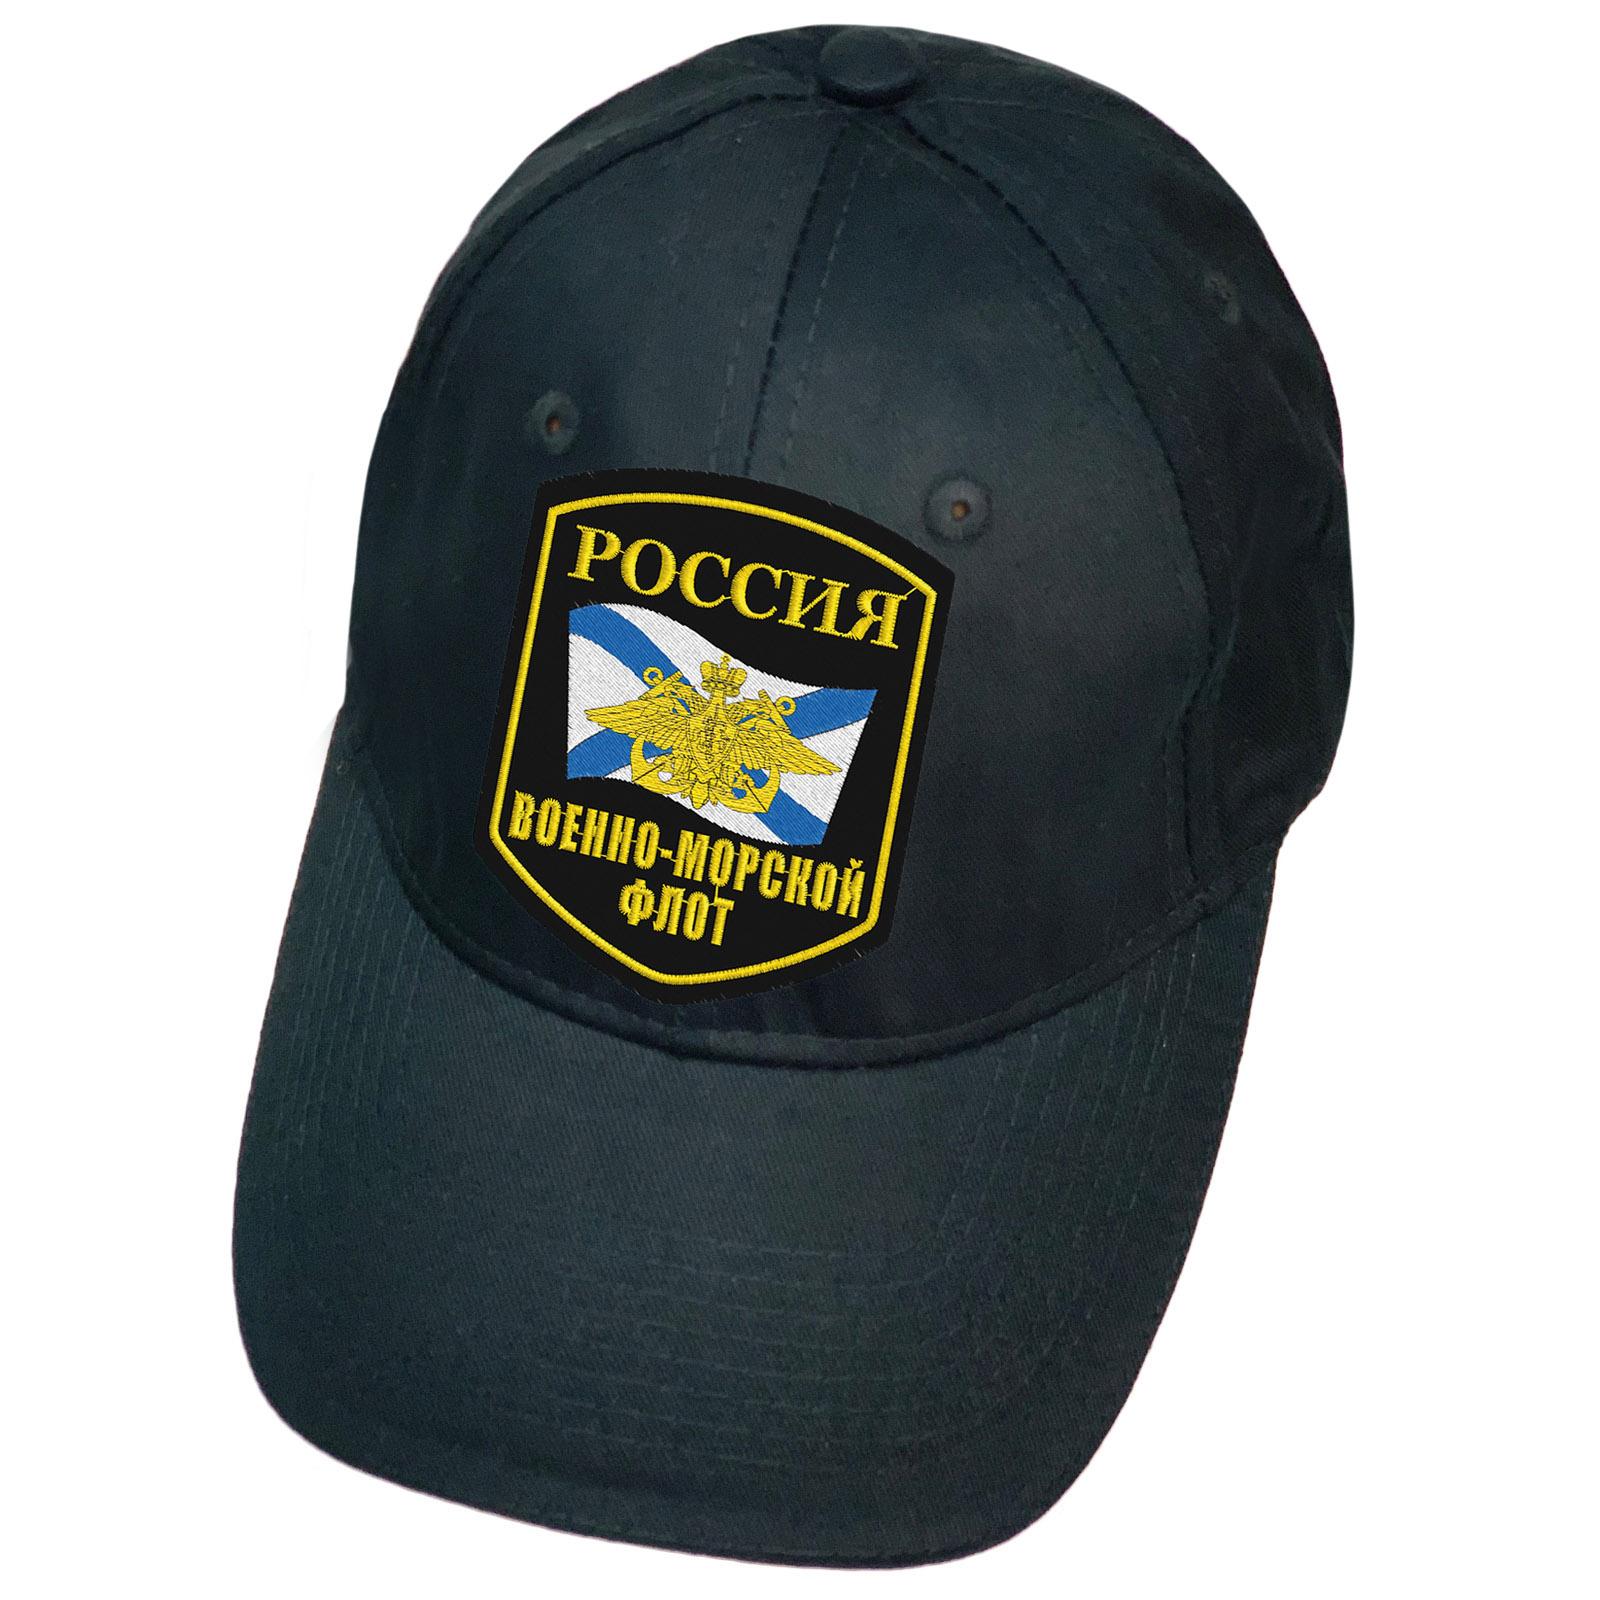 Тёмно-синяя кепка с нашивкой Военно-морской флот России